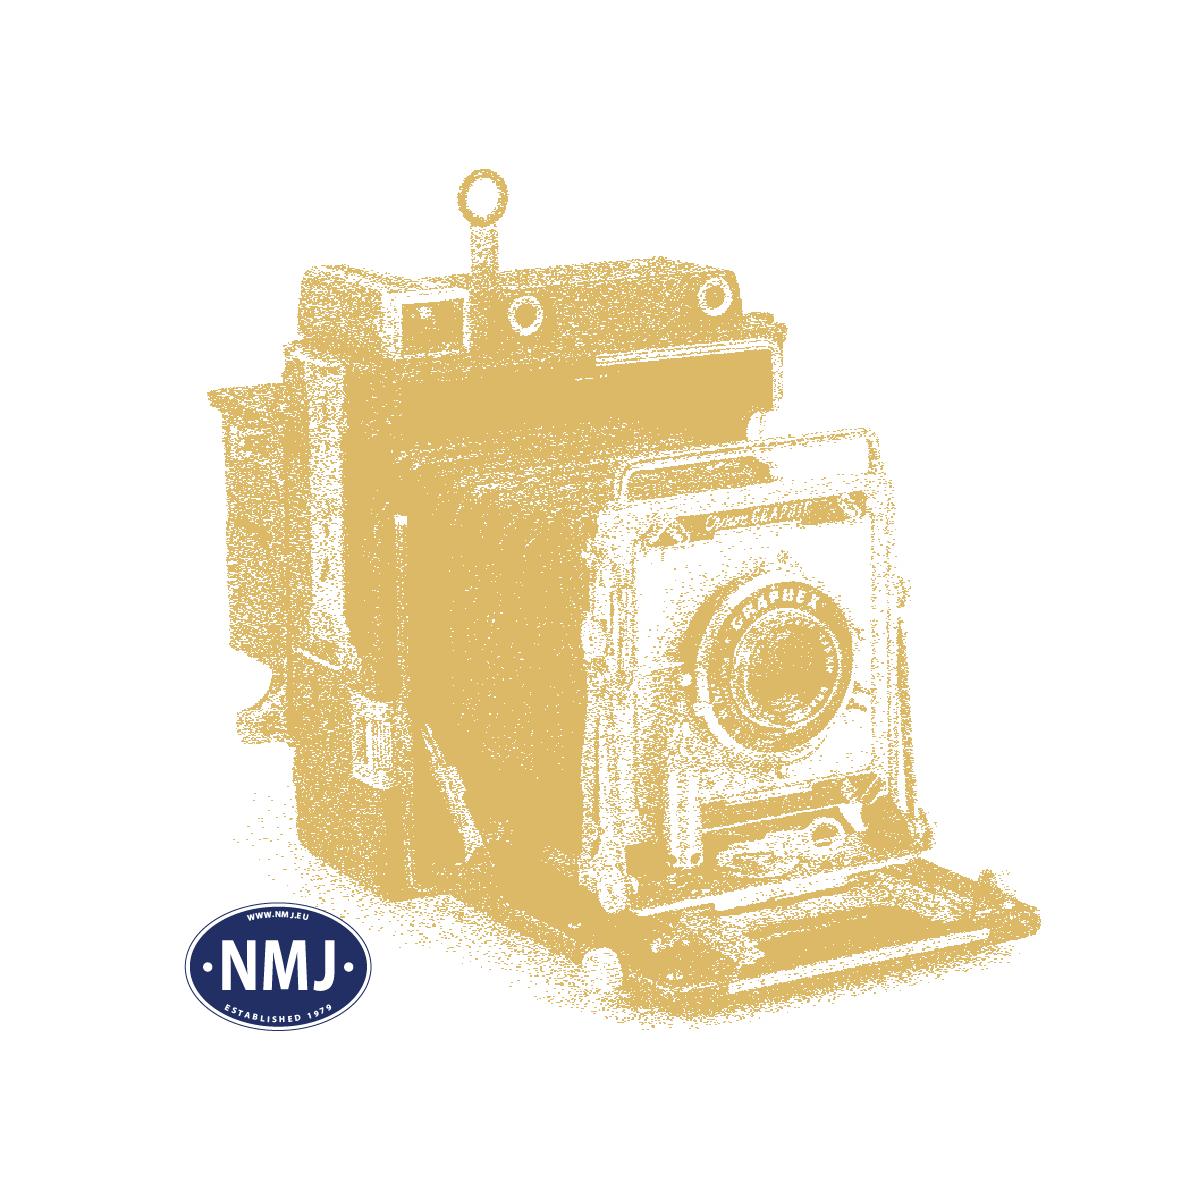 NMJ Katalogpakke 2016: Topline, Superline, Skyline